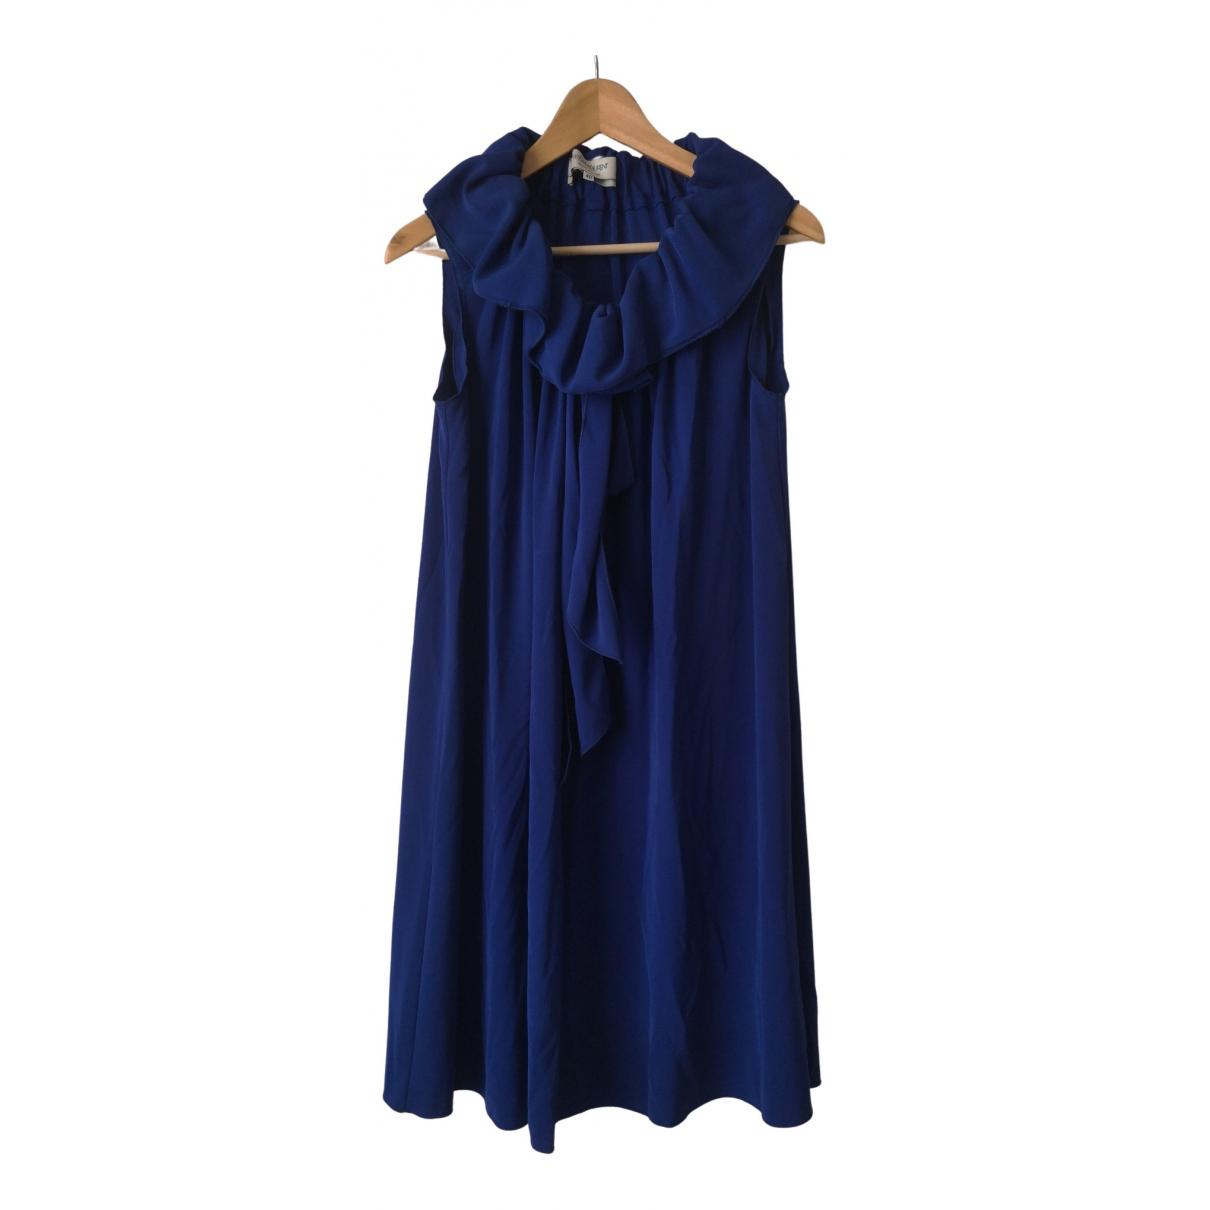 Yves Saint Laurent N Blue dress for Women 40 IT